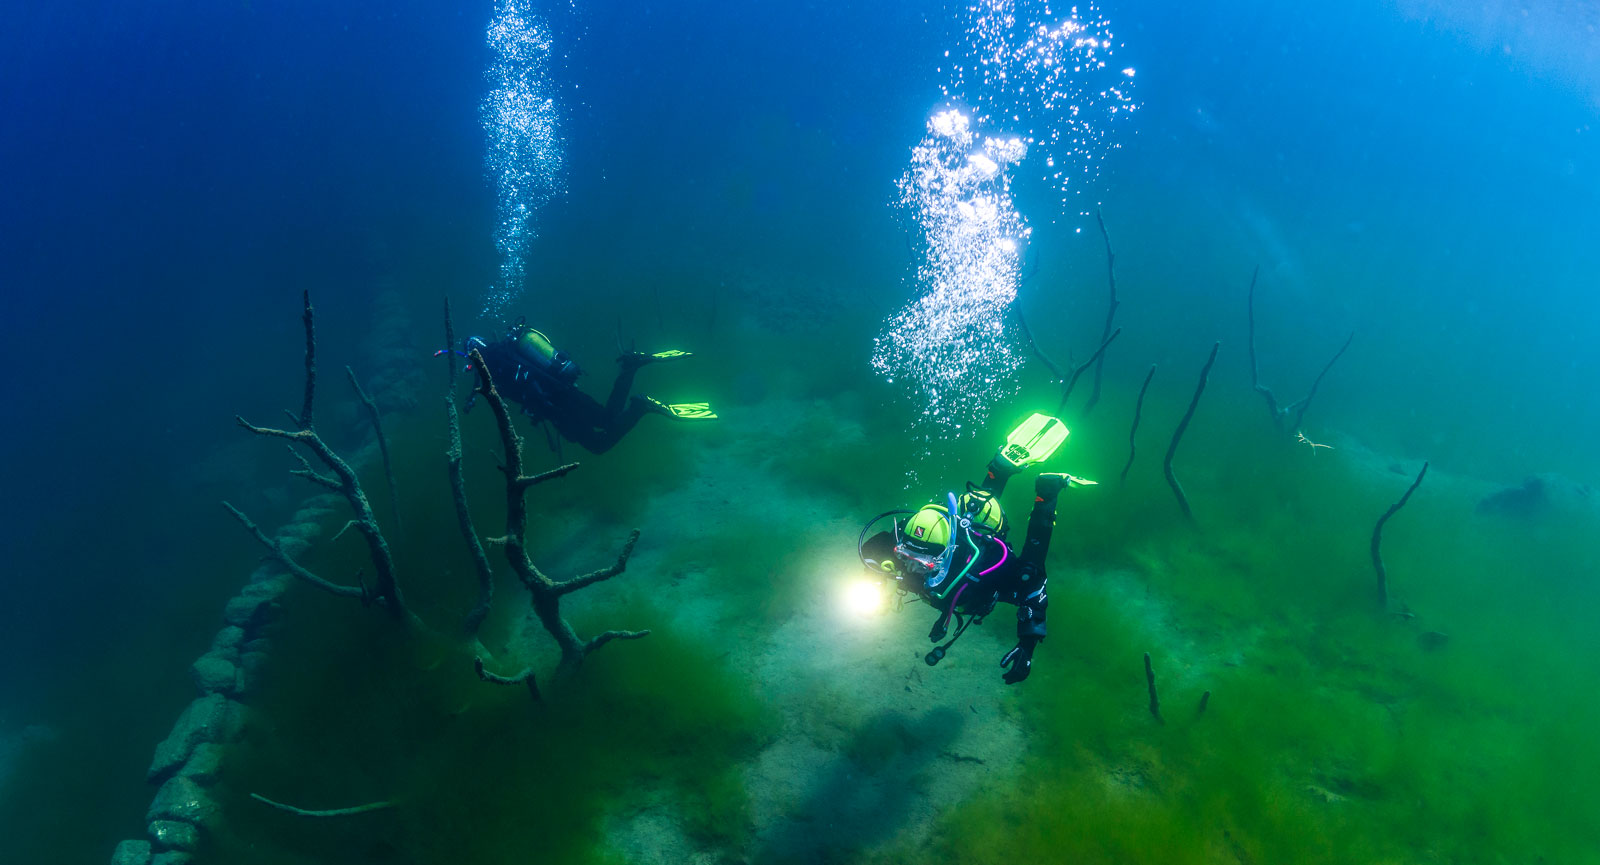 Norge bjuder på fantastiska dyk, även insjöar kan vara spännande med gamla bosättningar som är välbevarade i det kalla fjällvattnet.